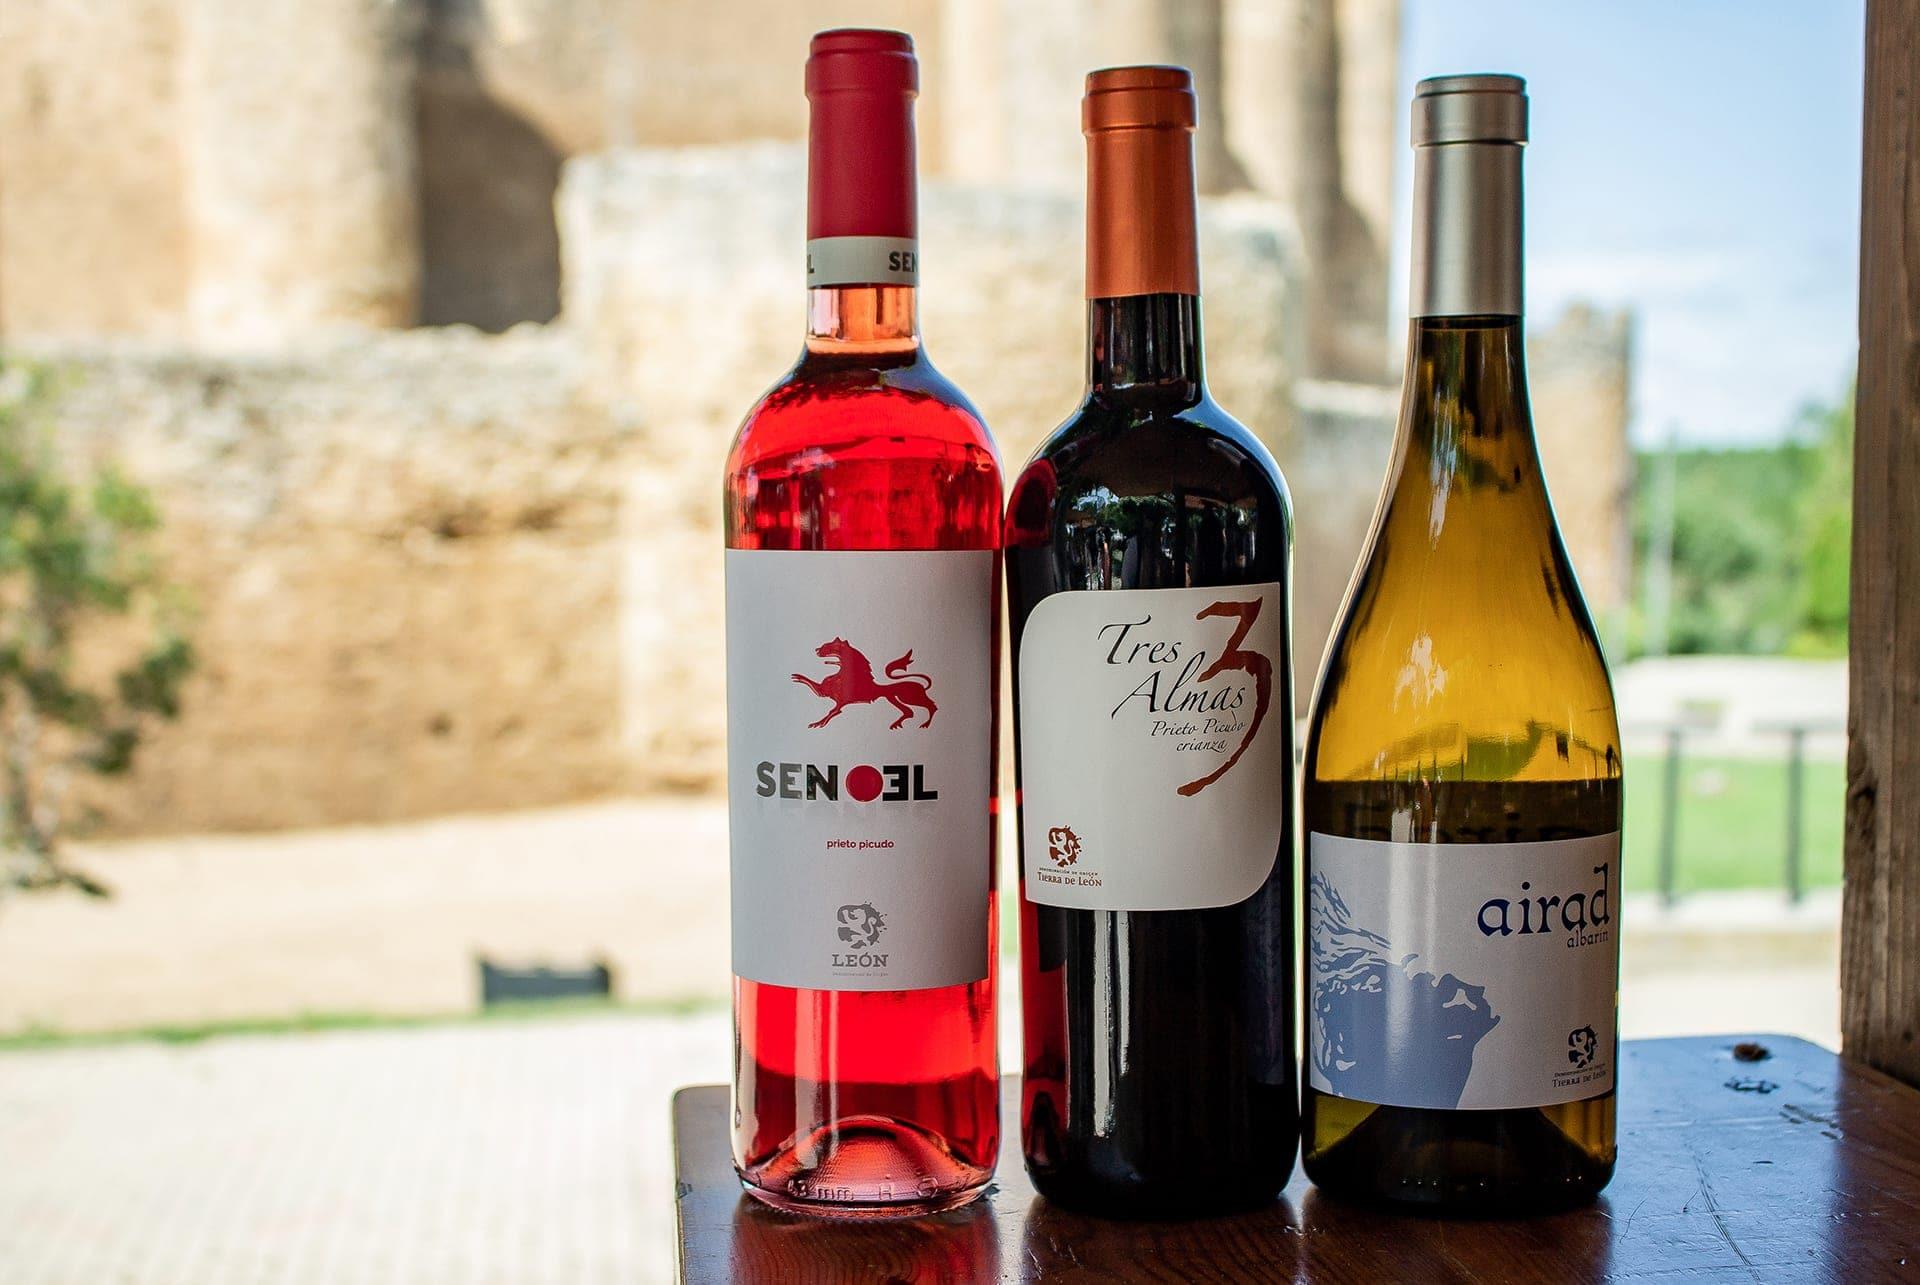 Senoel (leonés al revés), Tres Almas y Airad de Bodegas Peláez